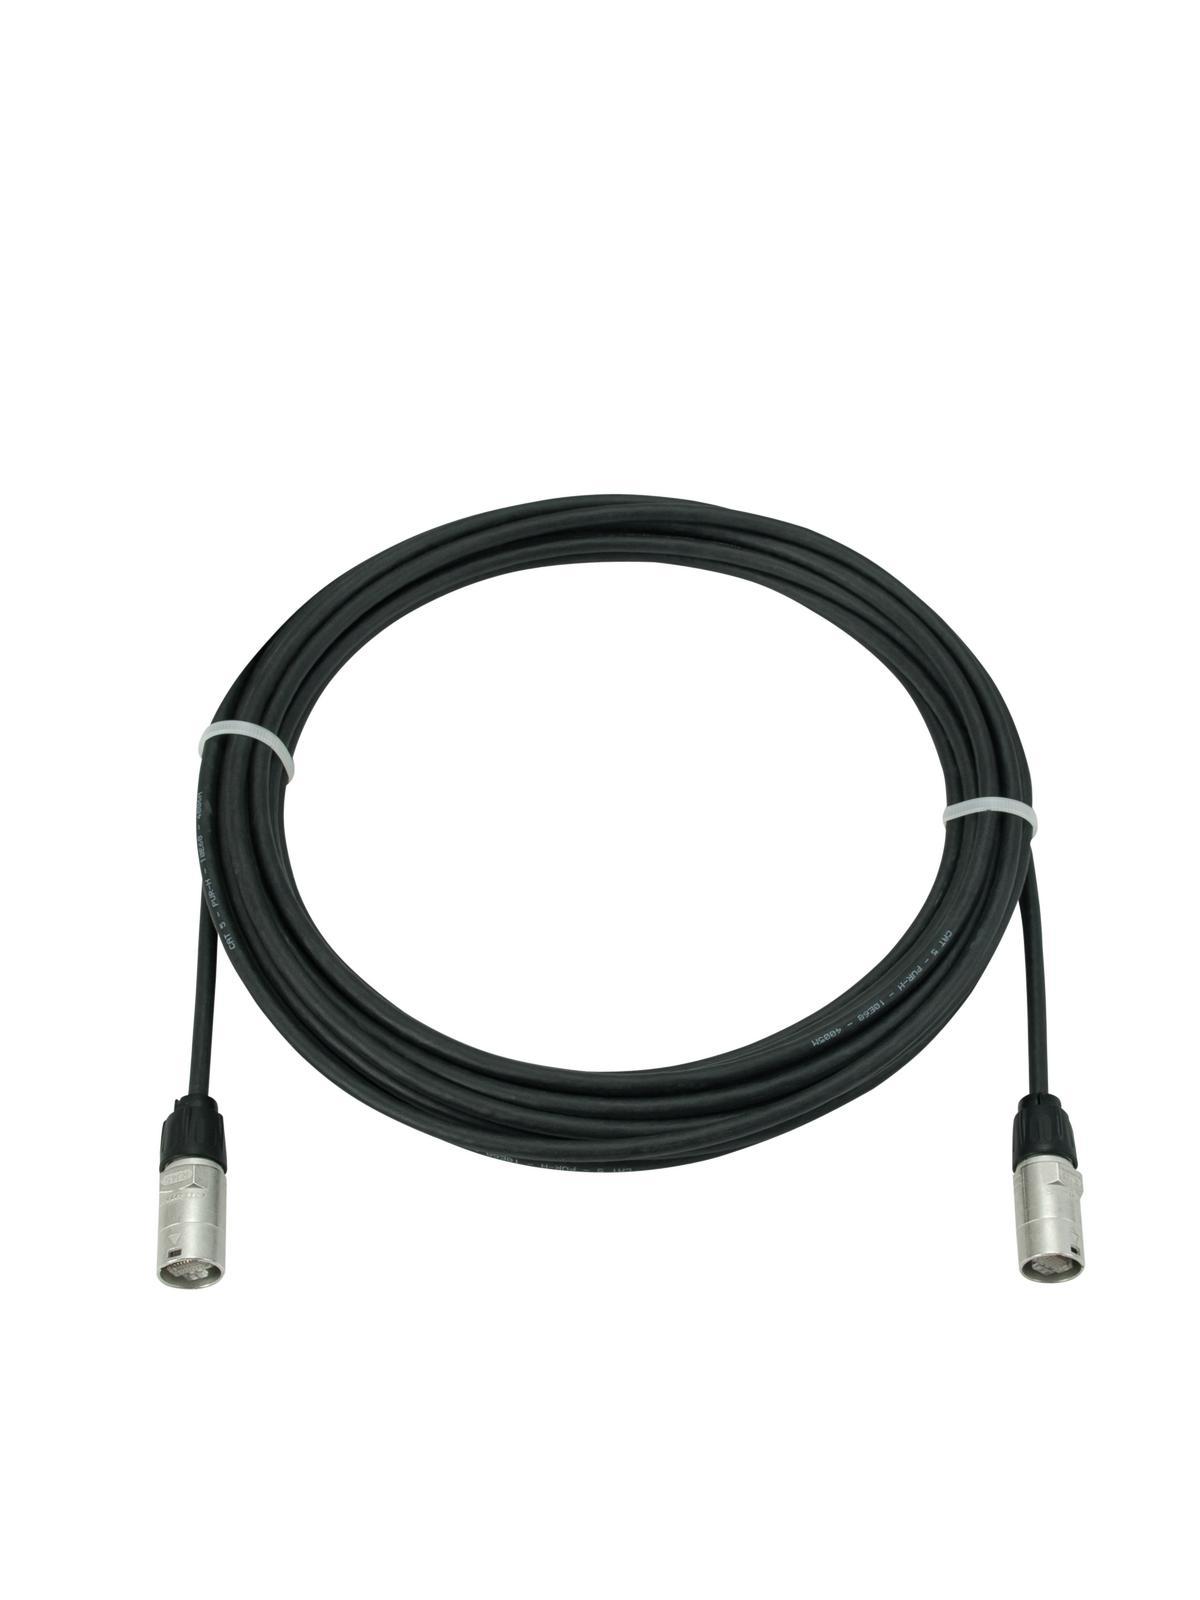 Psso Cat 5 Cable 10m Bk Su Mondospettacoli